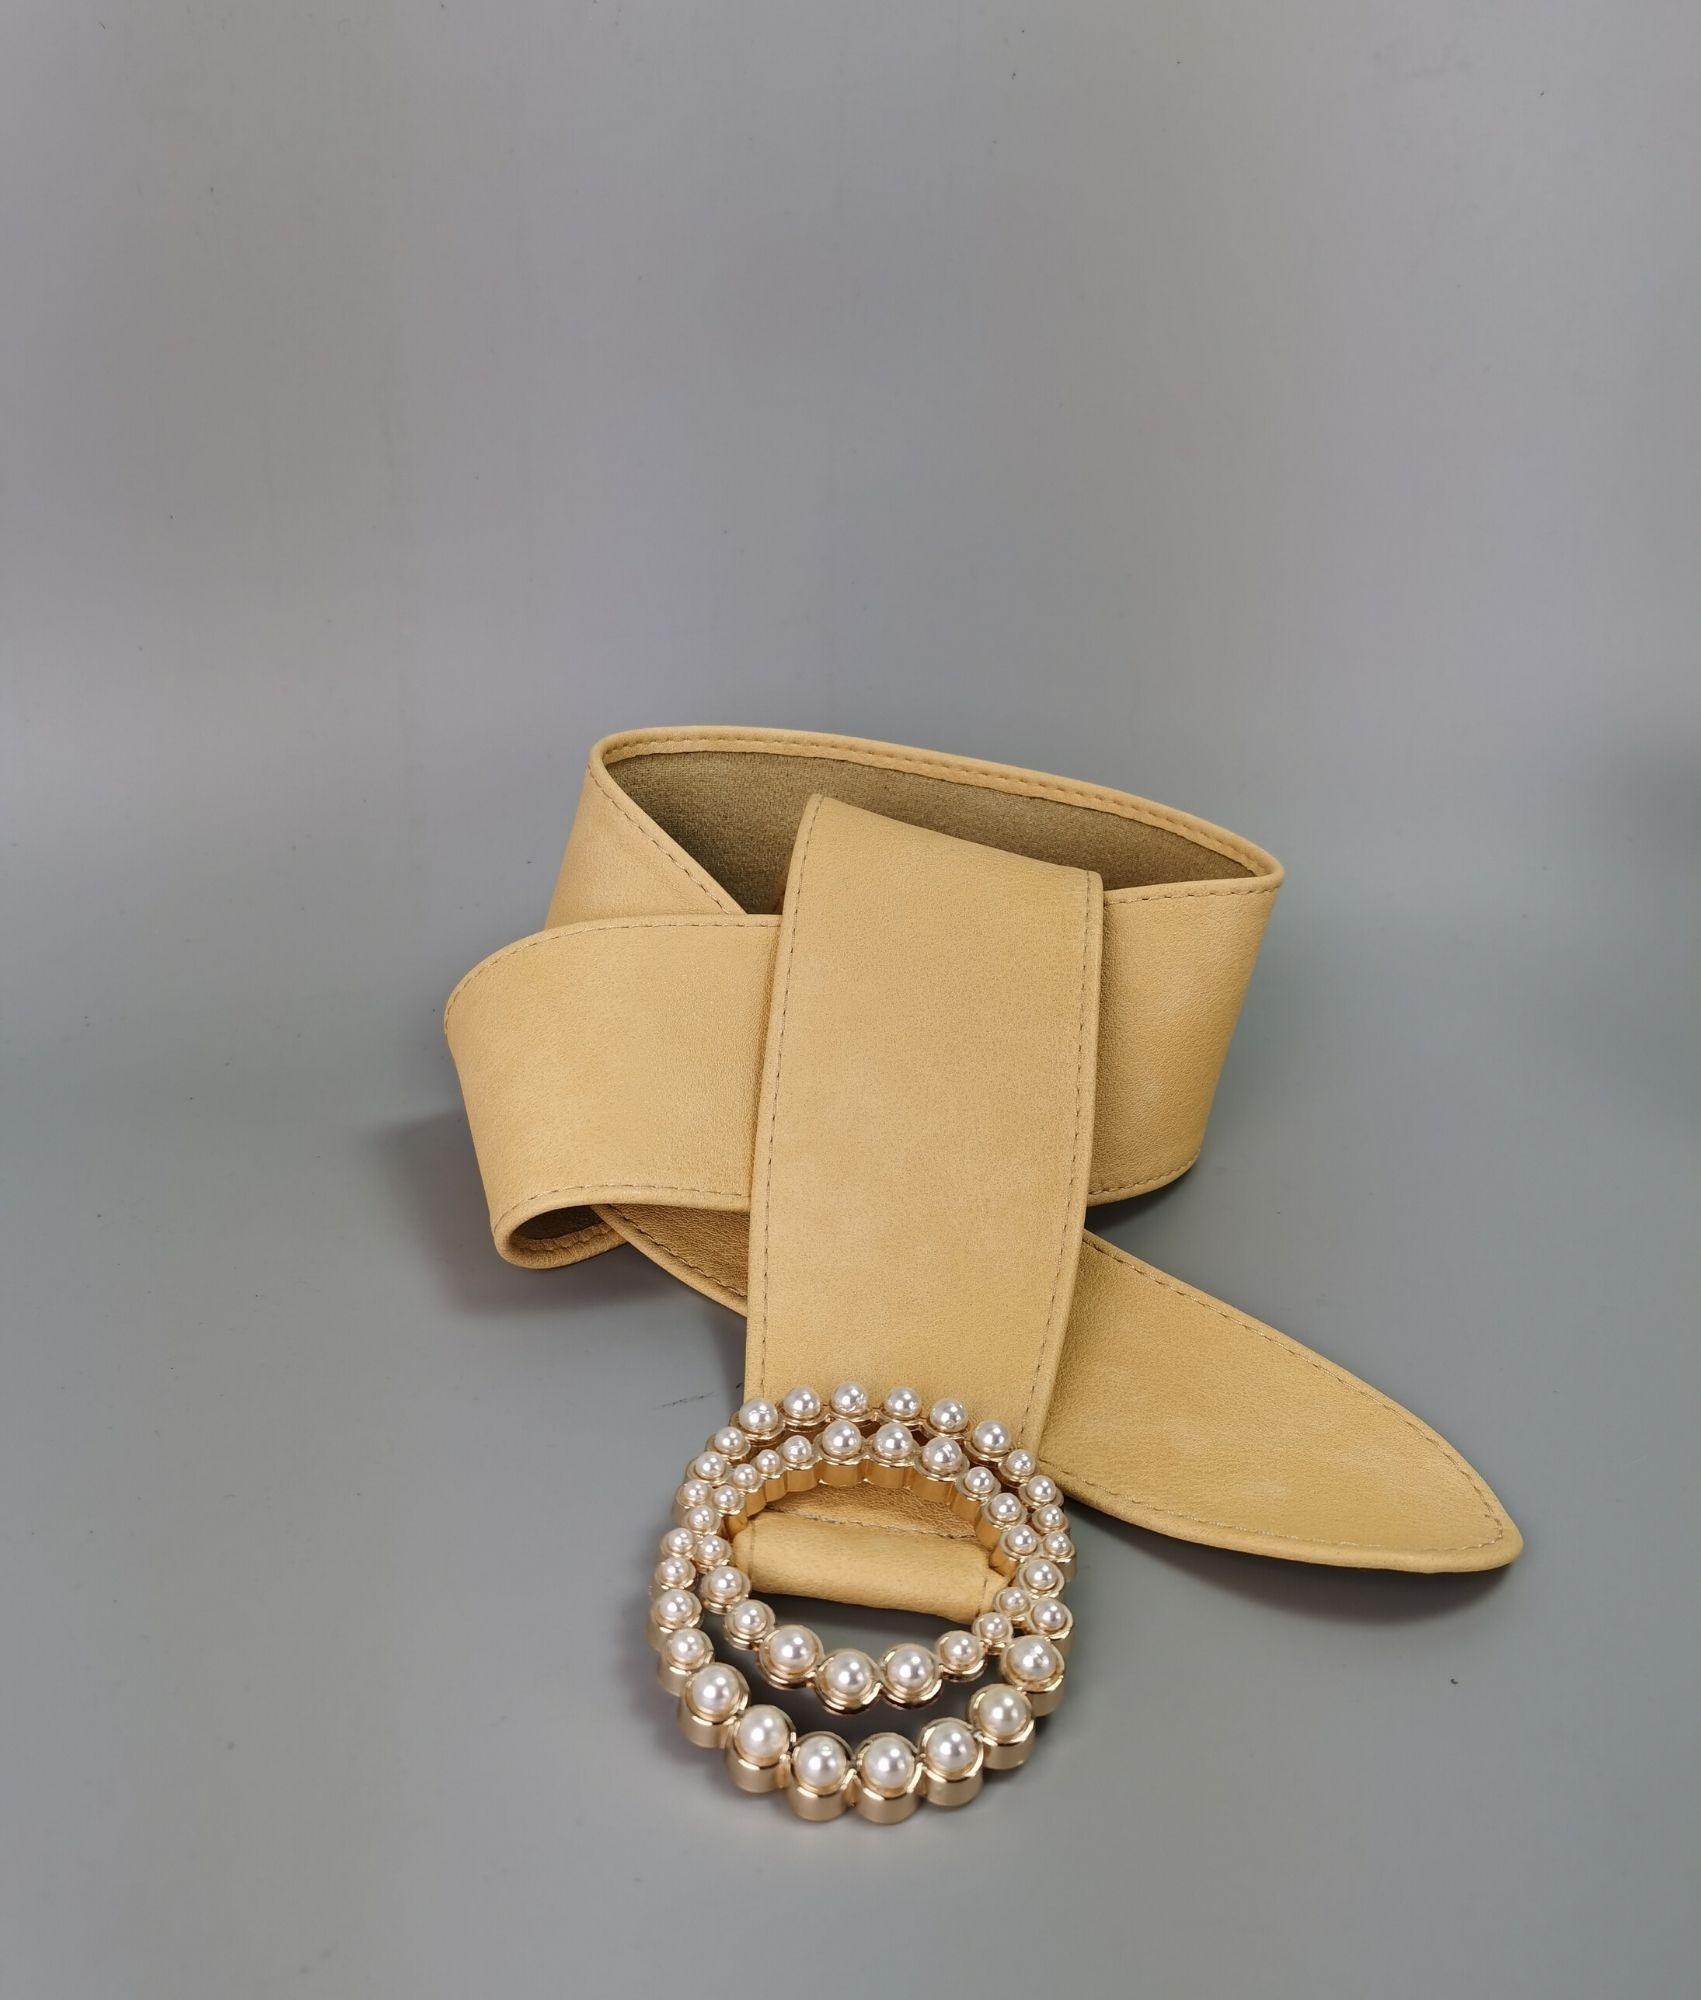 Cintura Chanel - Giallo